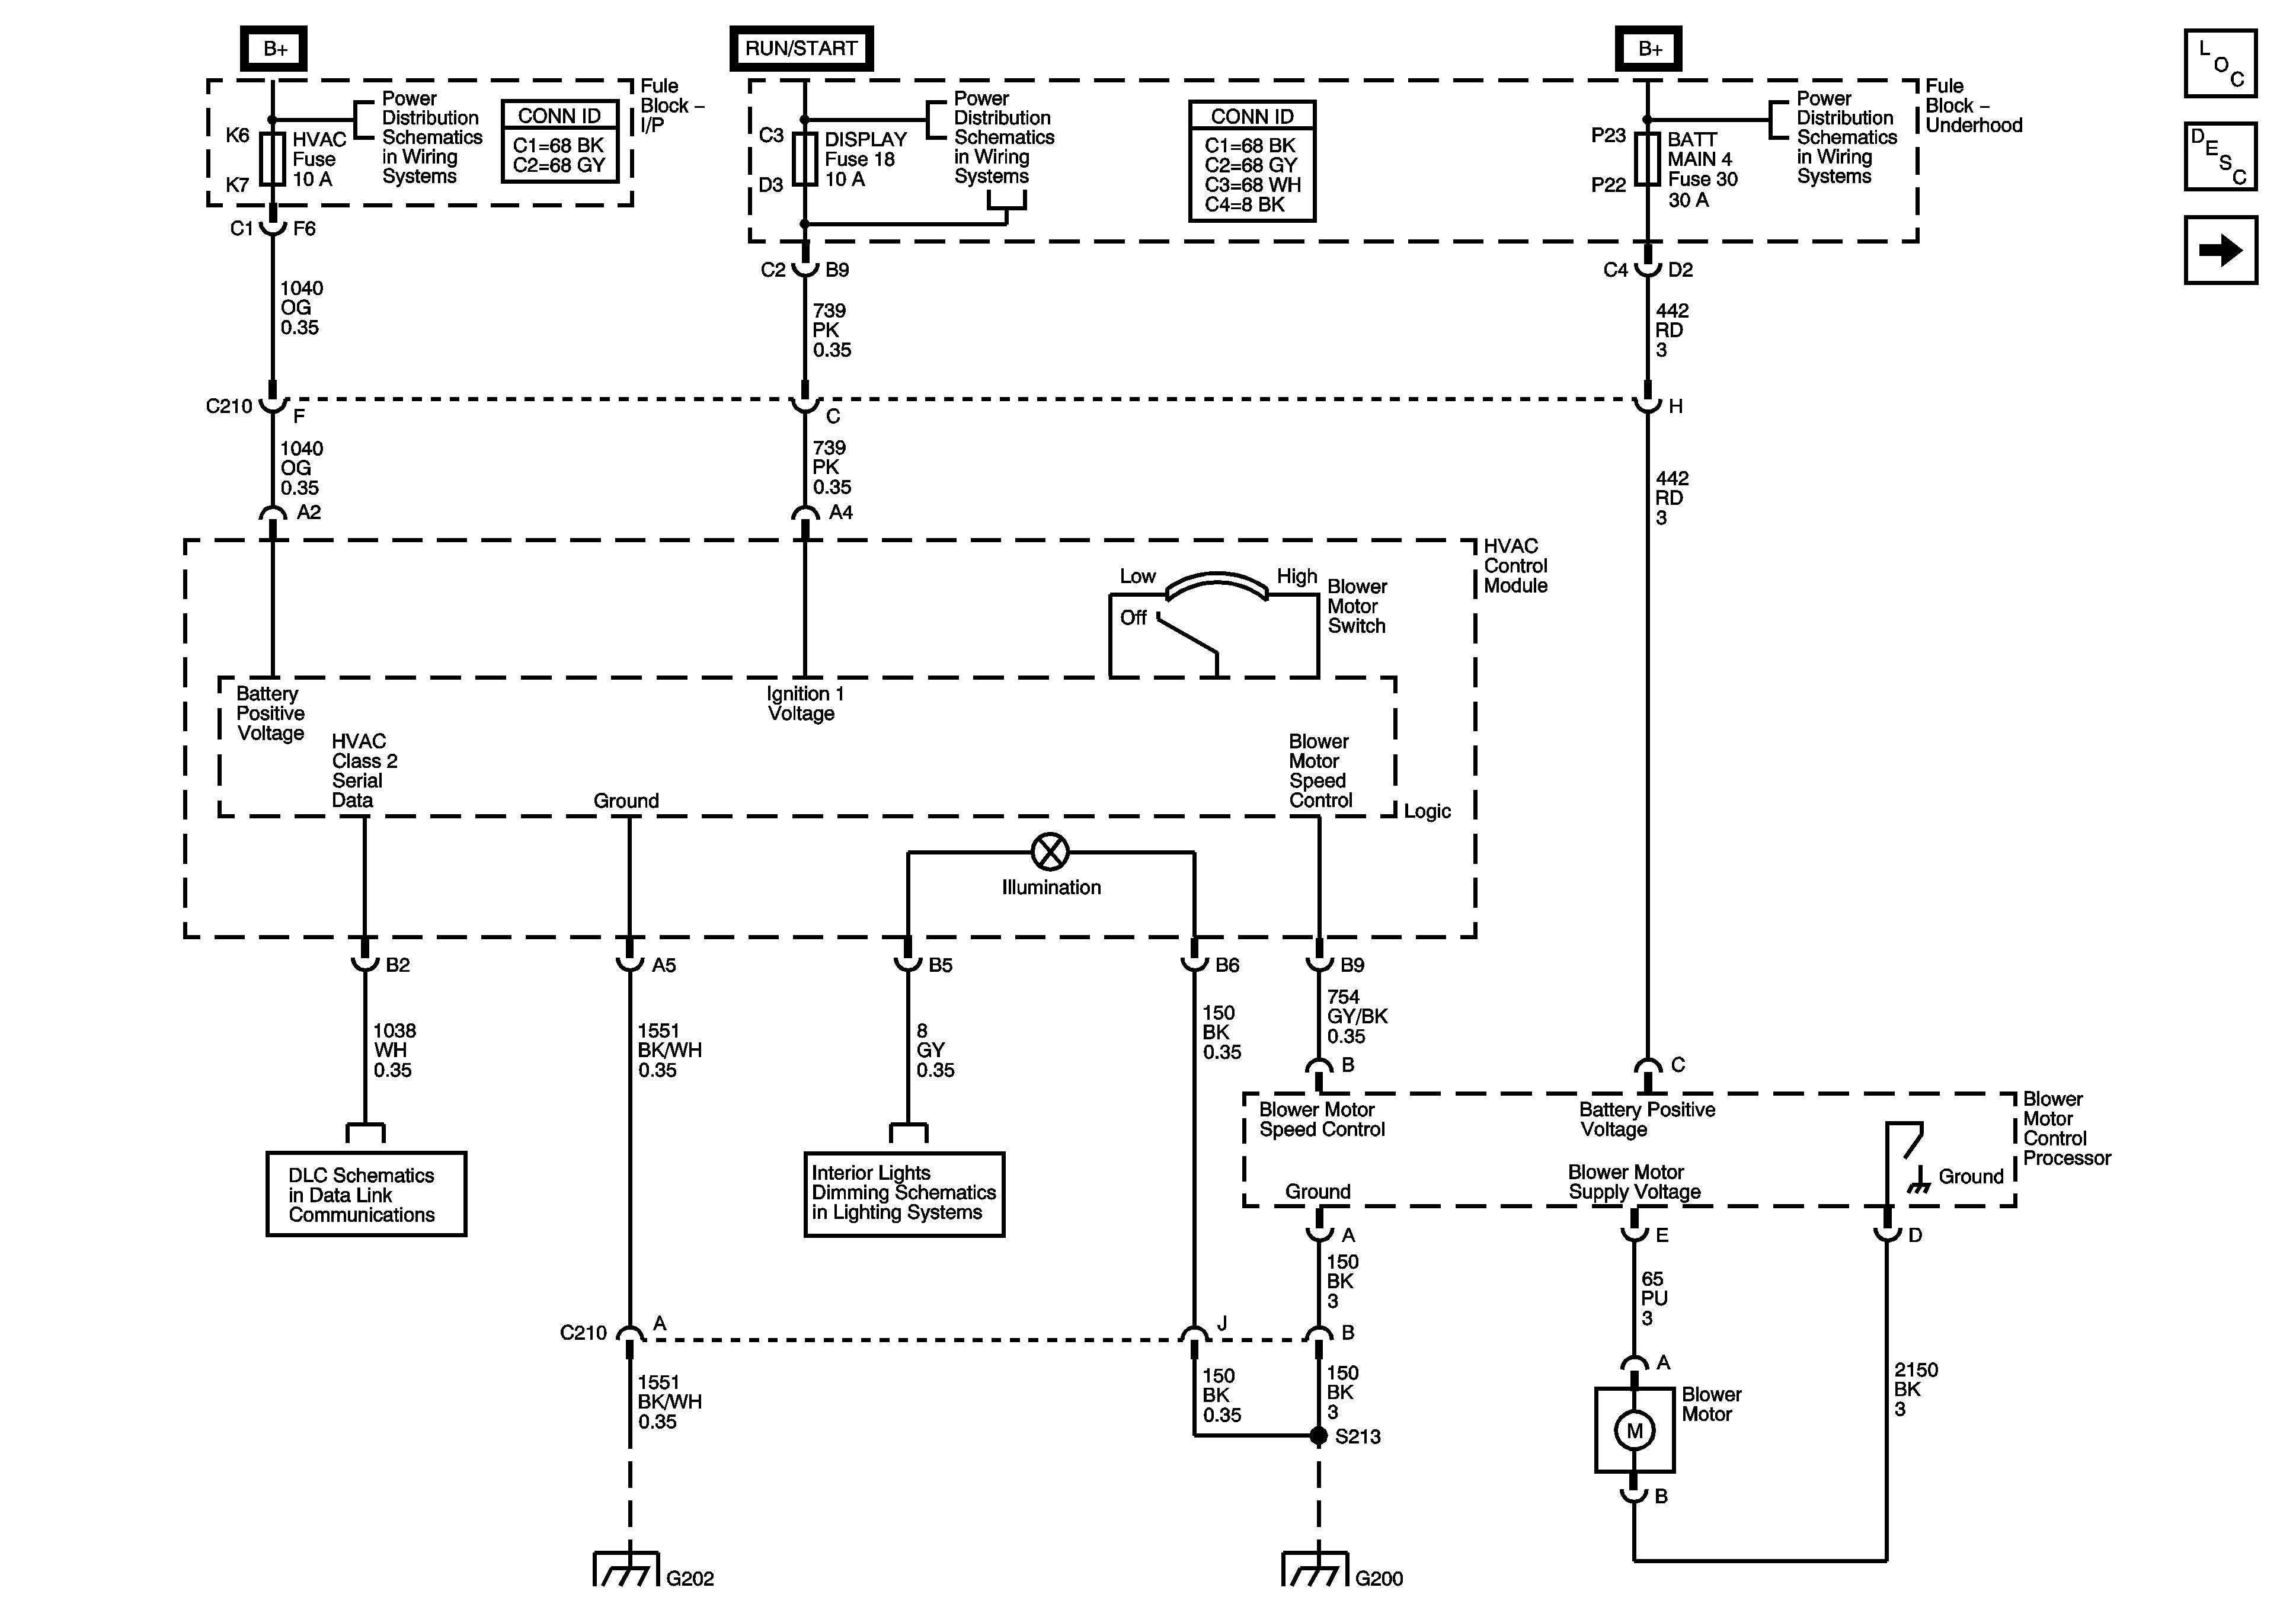 2004 Pontiac Grand Prix Engine Diagram 2004 Pontiac Grand Prix Gtp Engine Diagram Diagram Pontiac Grand